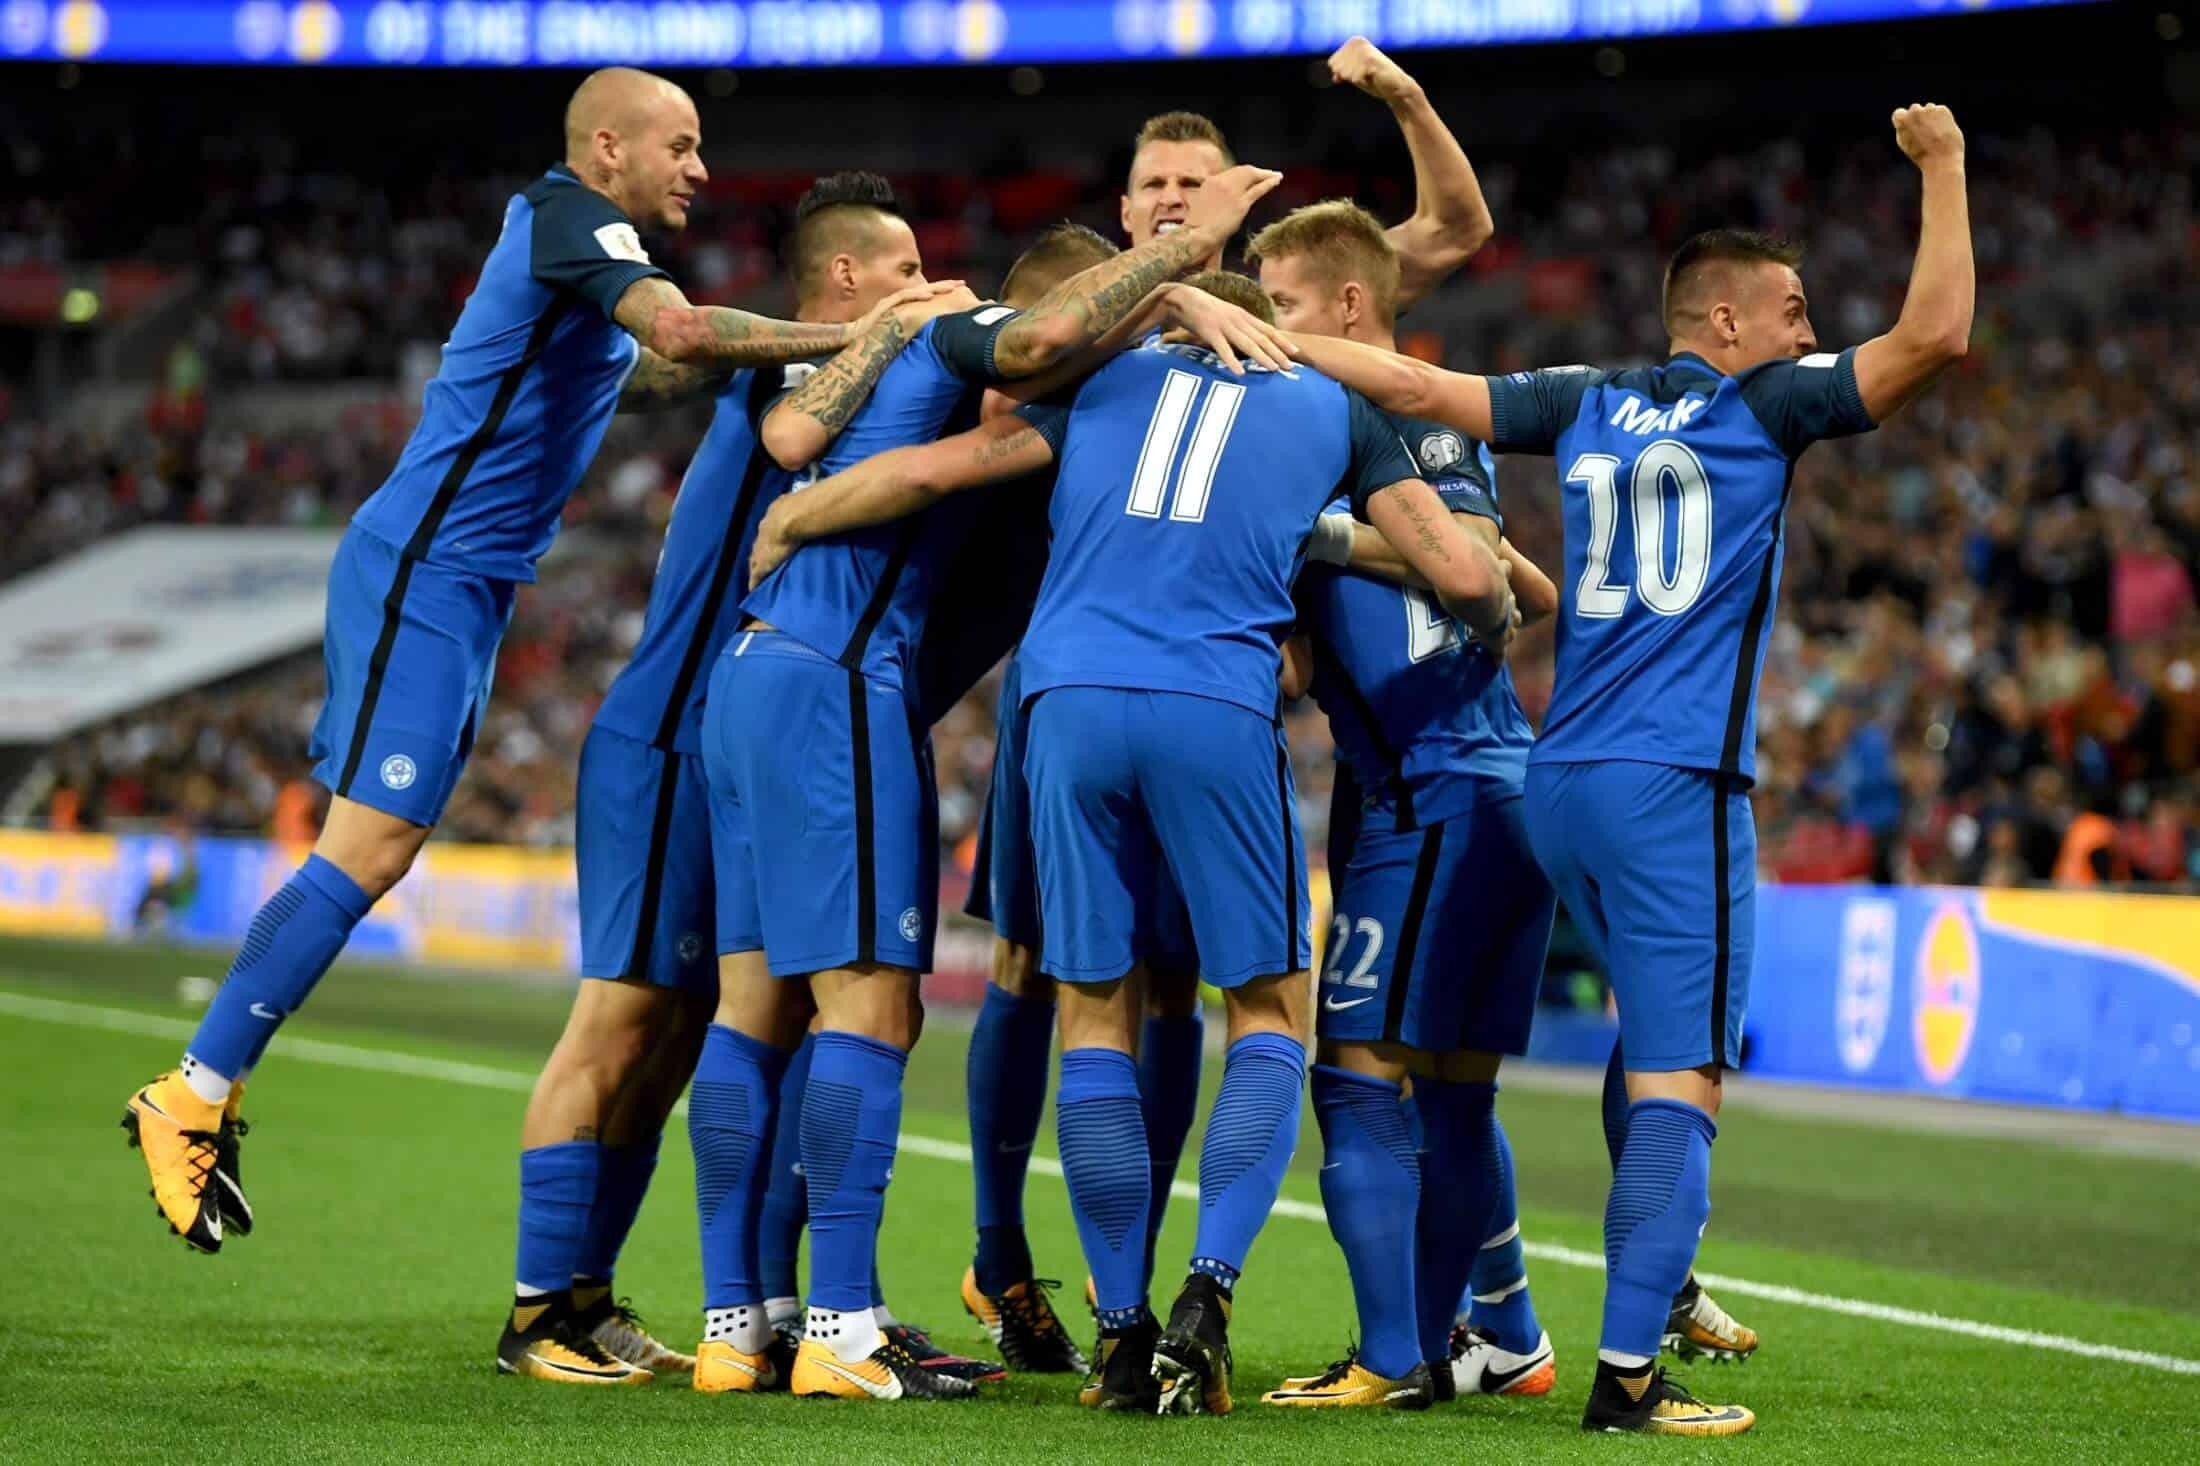 slovakia national fc soccer team 2019